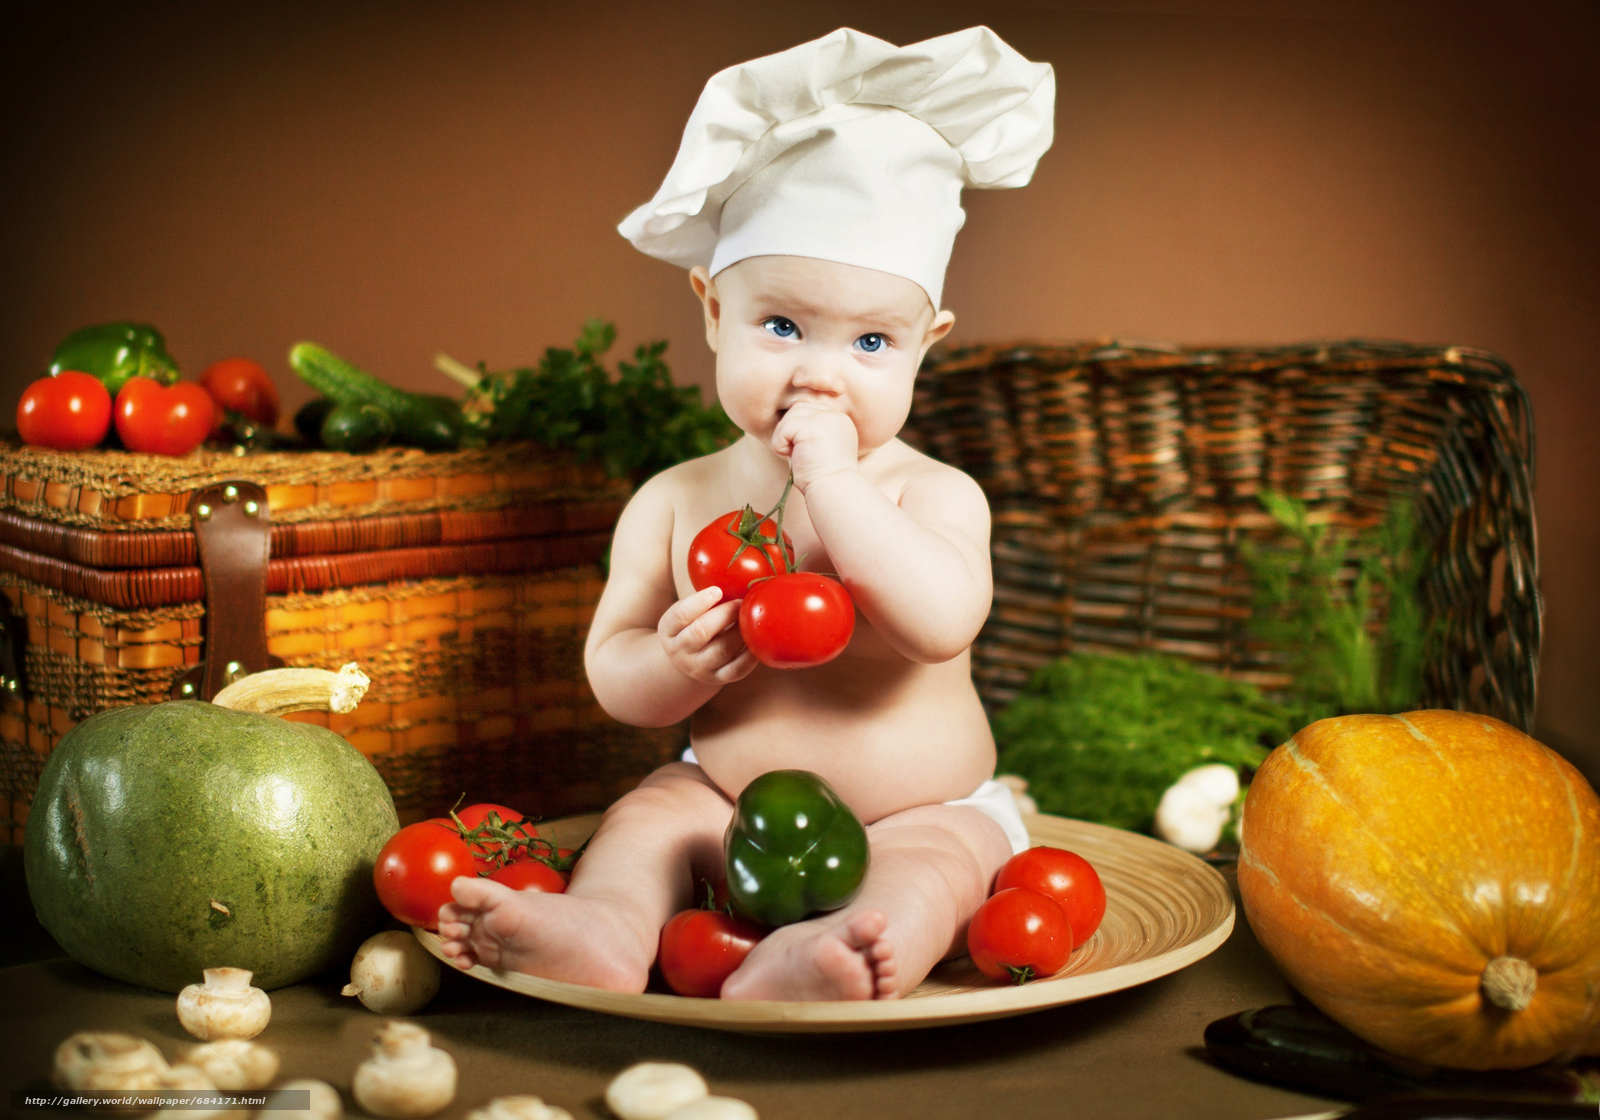 Идеи фото ребенка с овощами